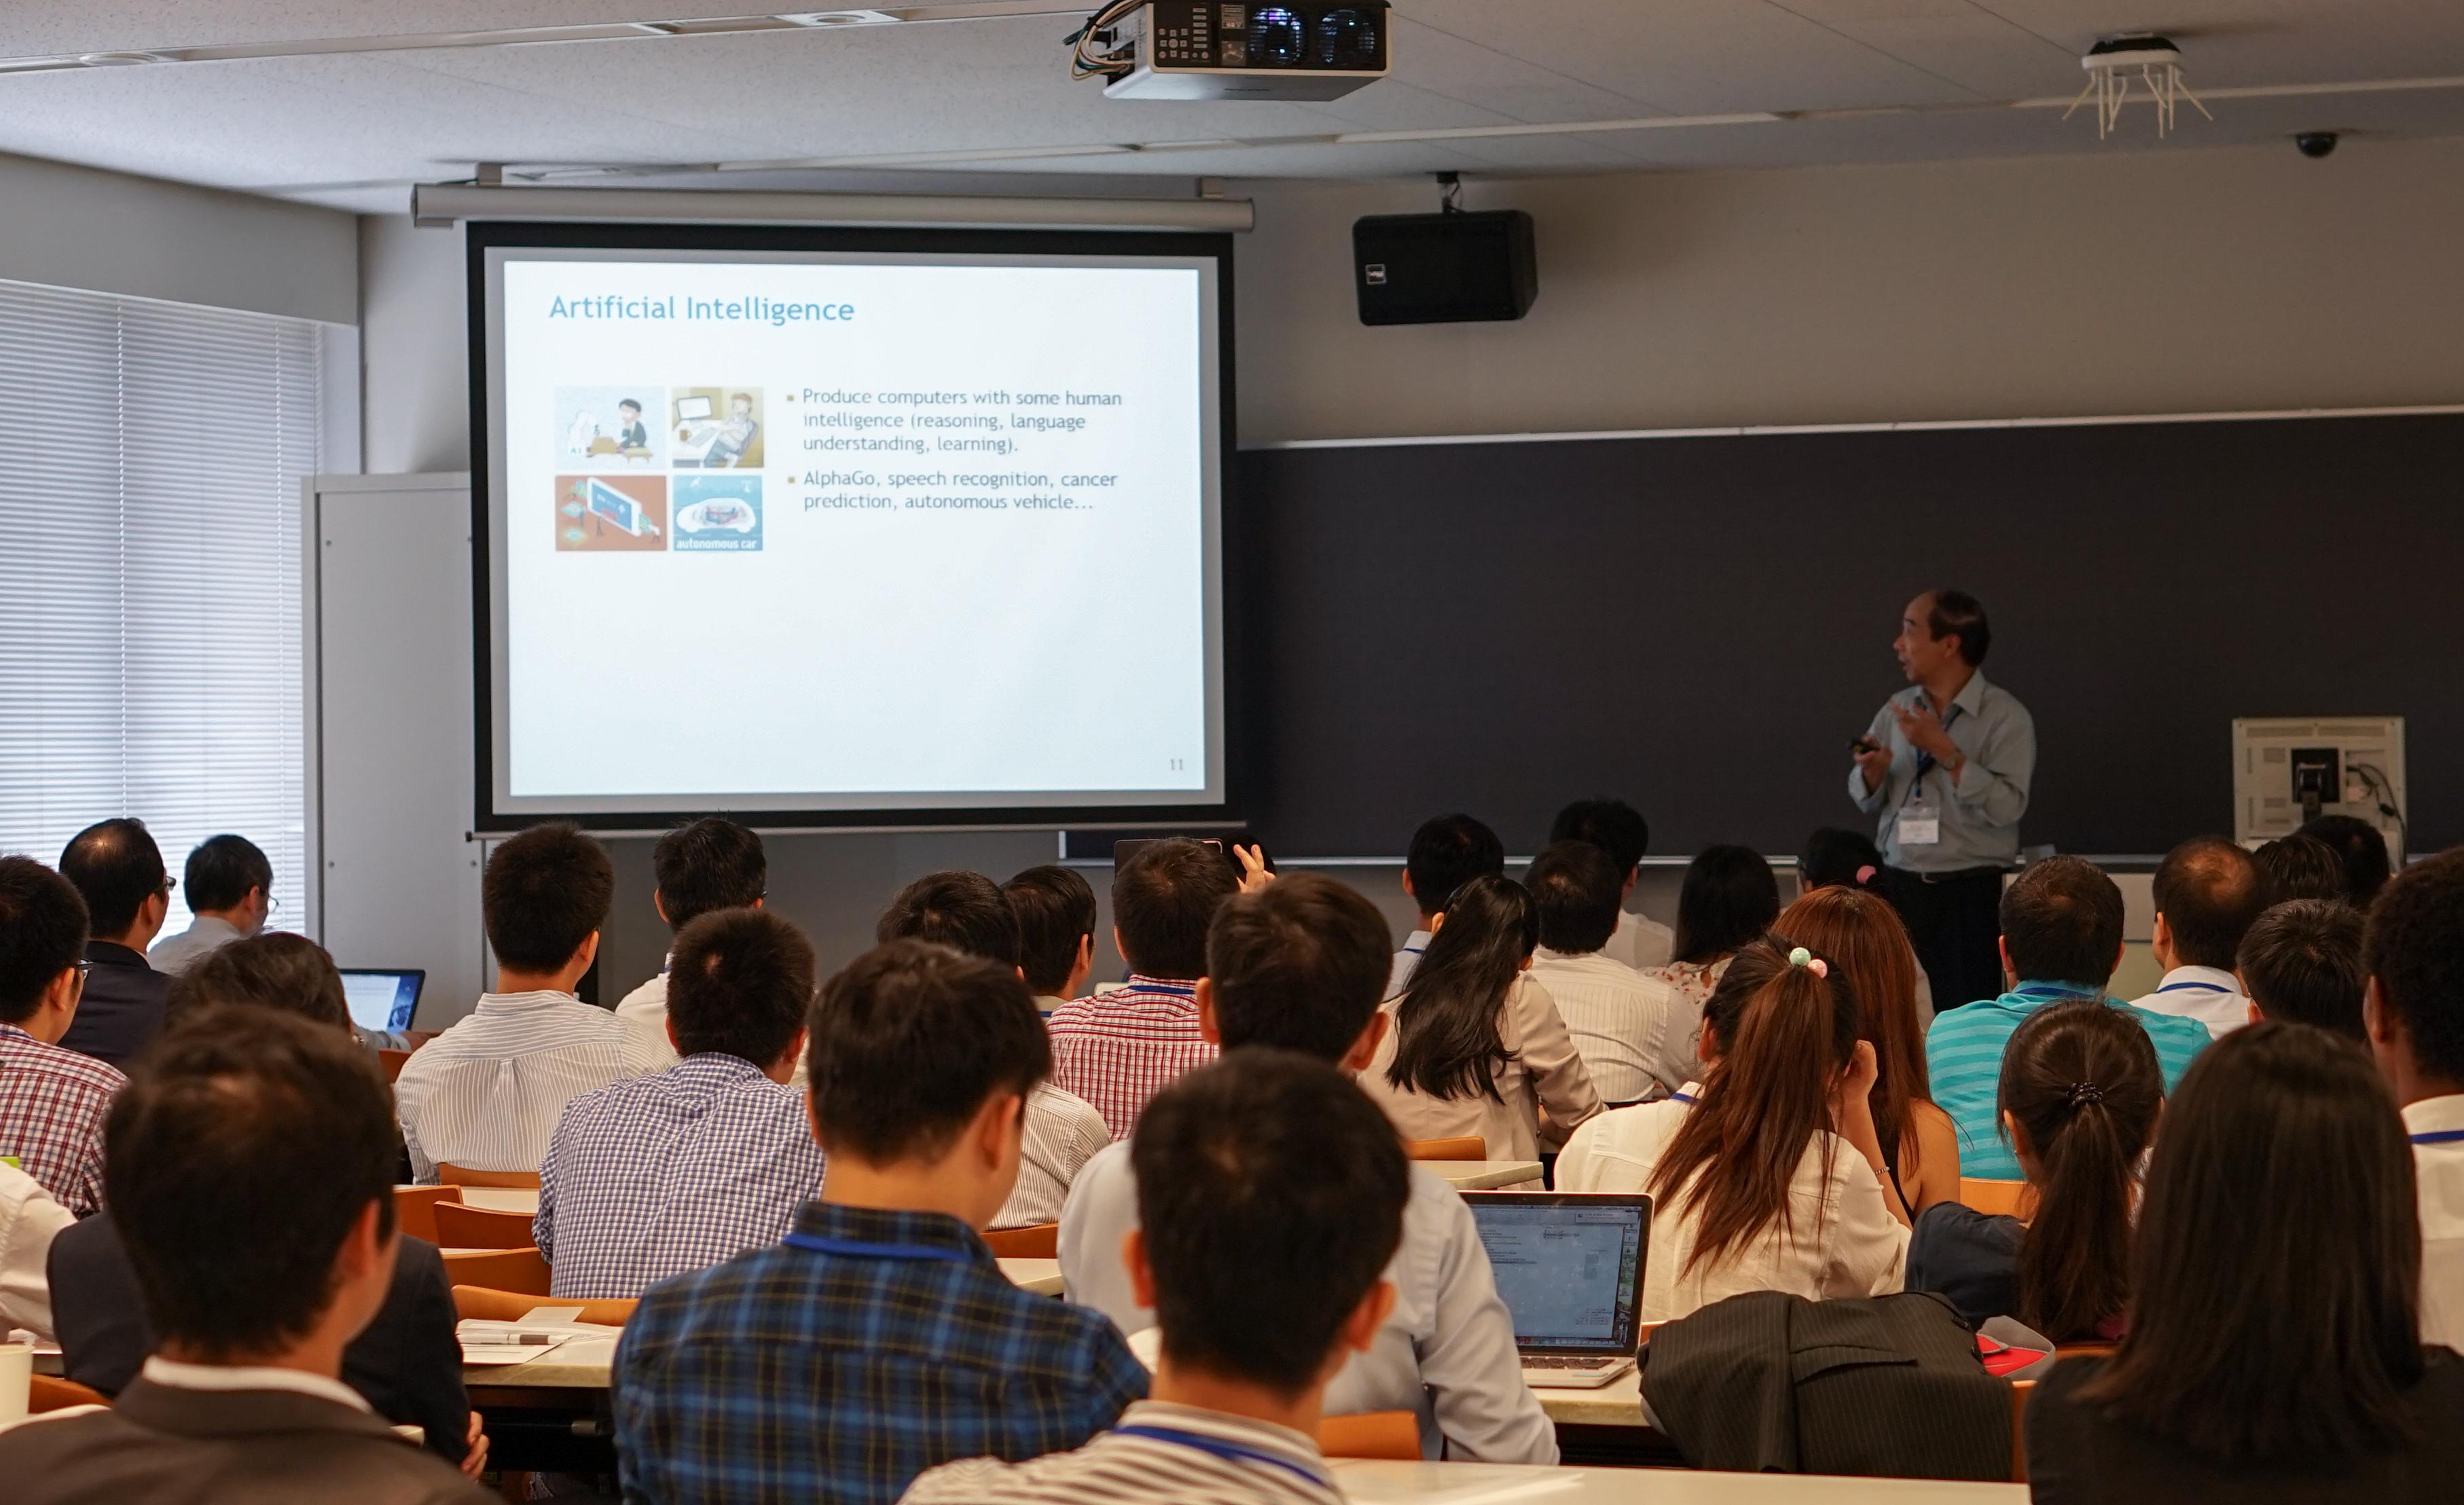 Giáo sư Hồ Tú Bảo với bài nói về Cách mạng công nghiệp lần thứ 4